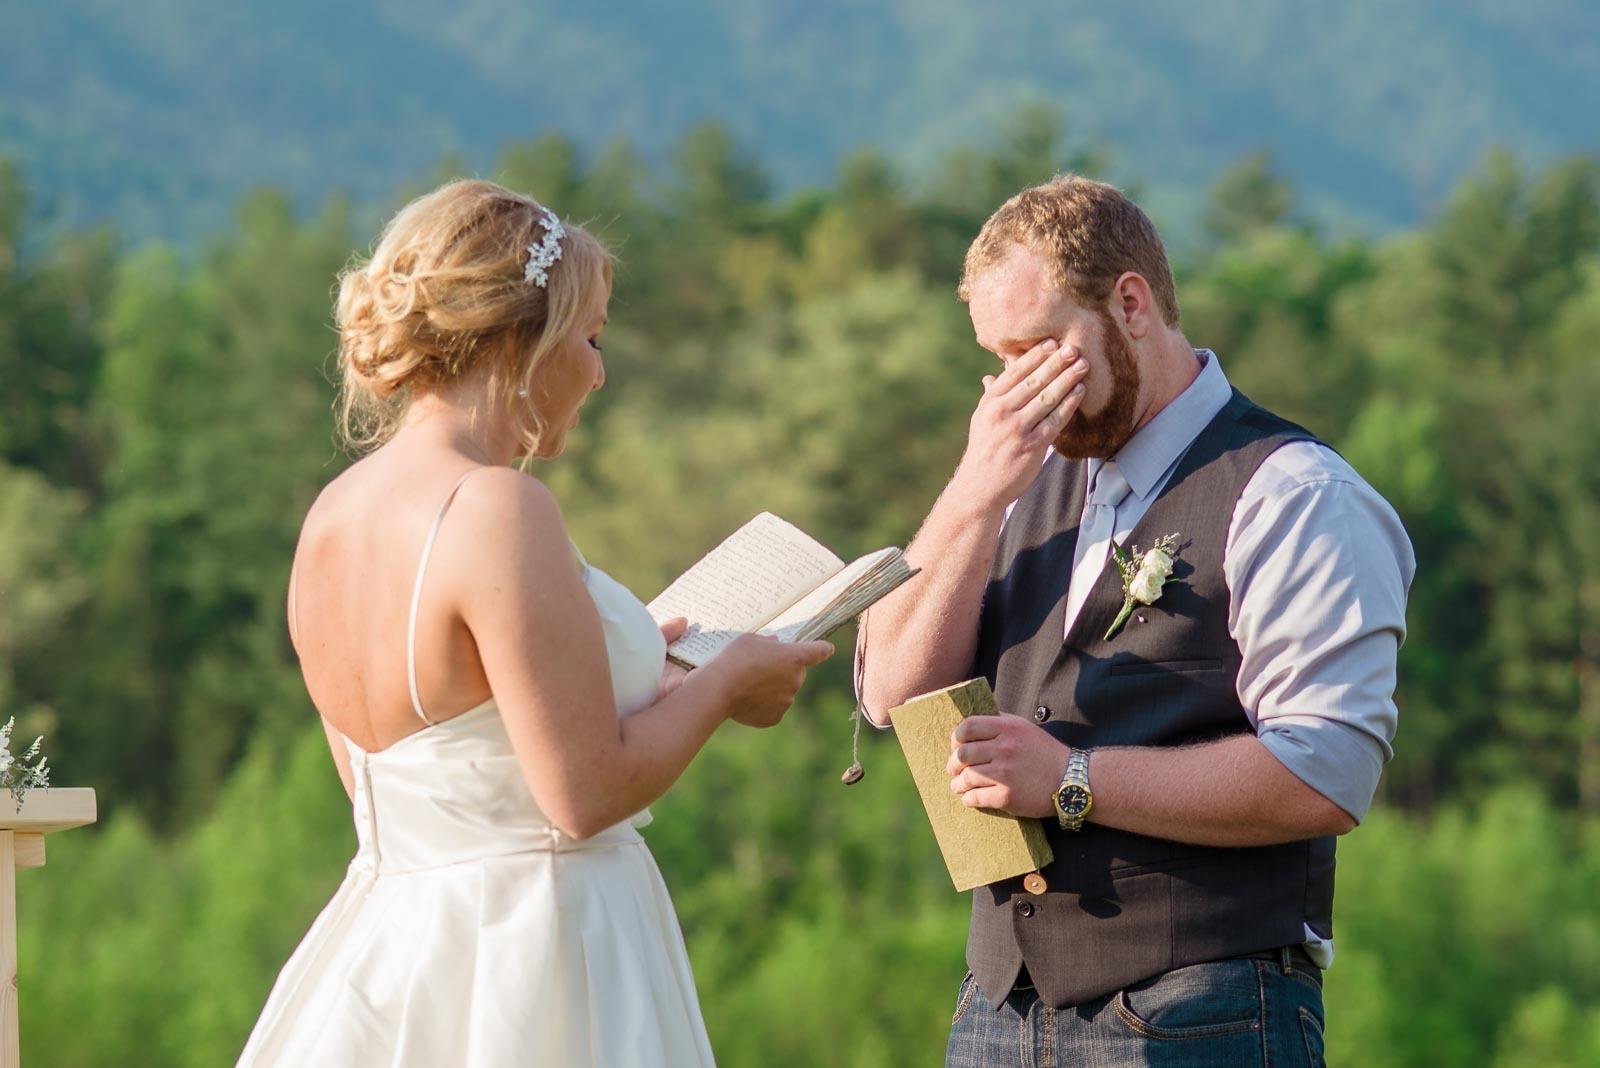 cades cove wedding-8885